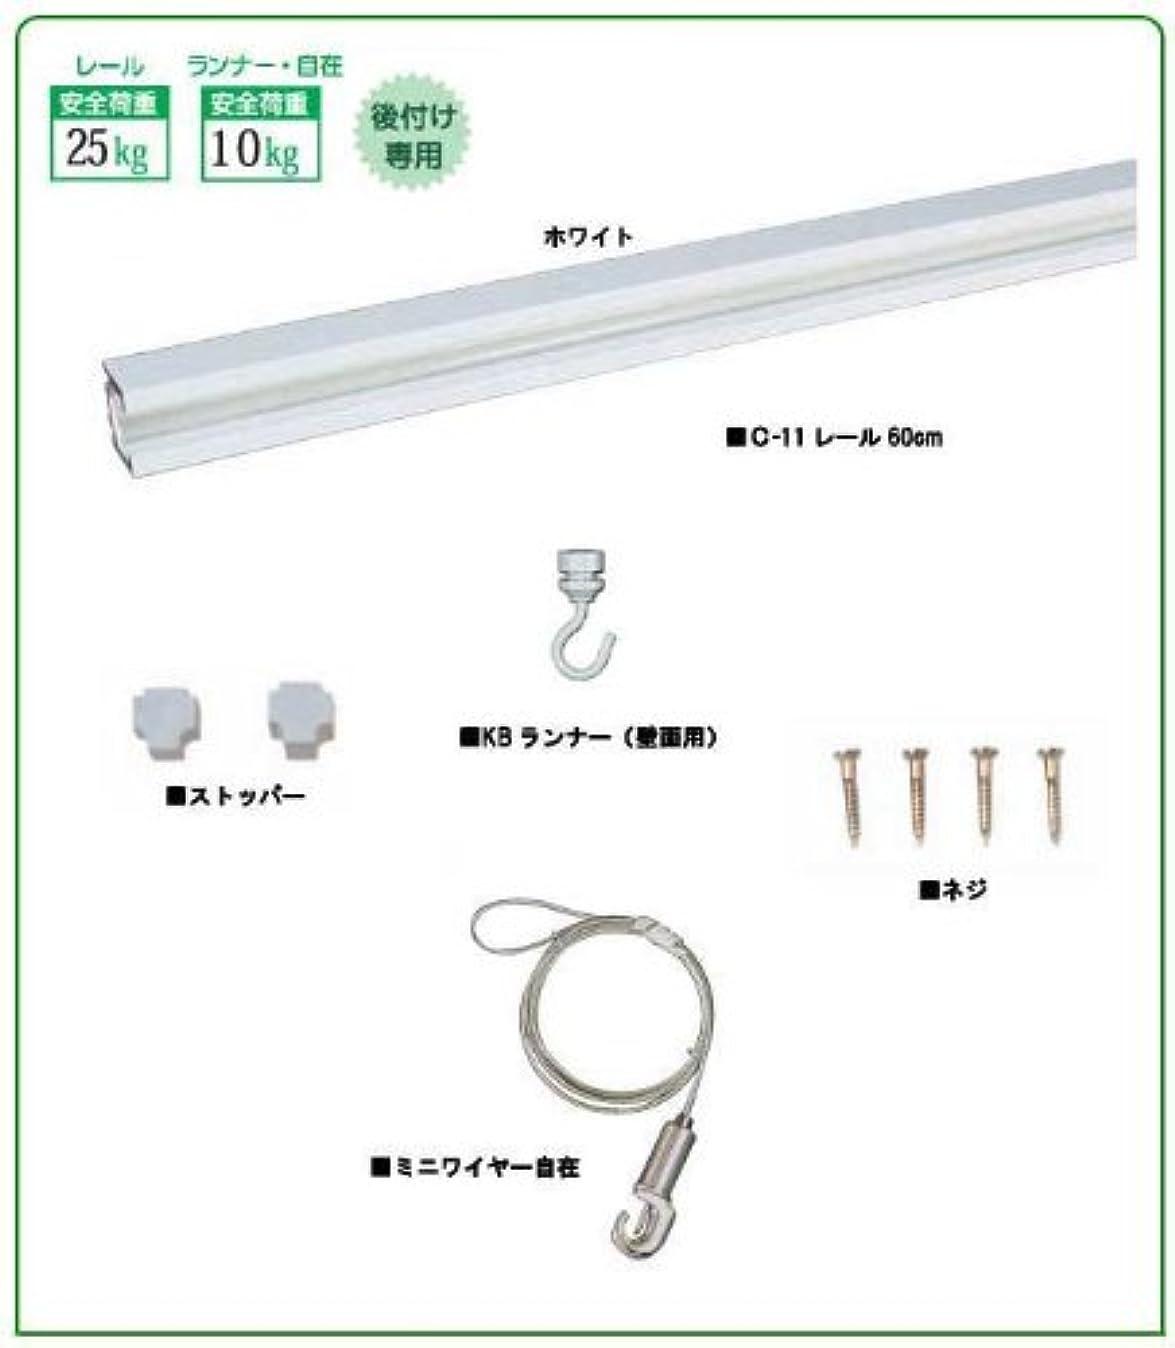 便利さ迅速手段福井金属工芸 額を飾るのに便利 C-11型レールセット 600mm ホワイト 天井用 3351-W-1